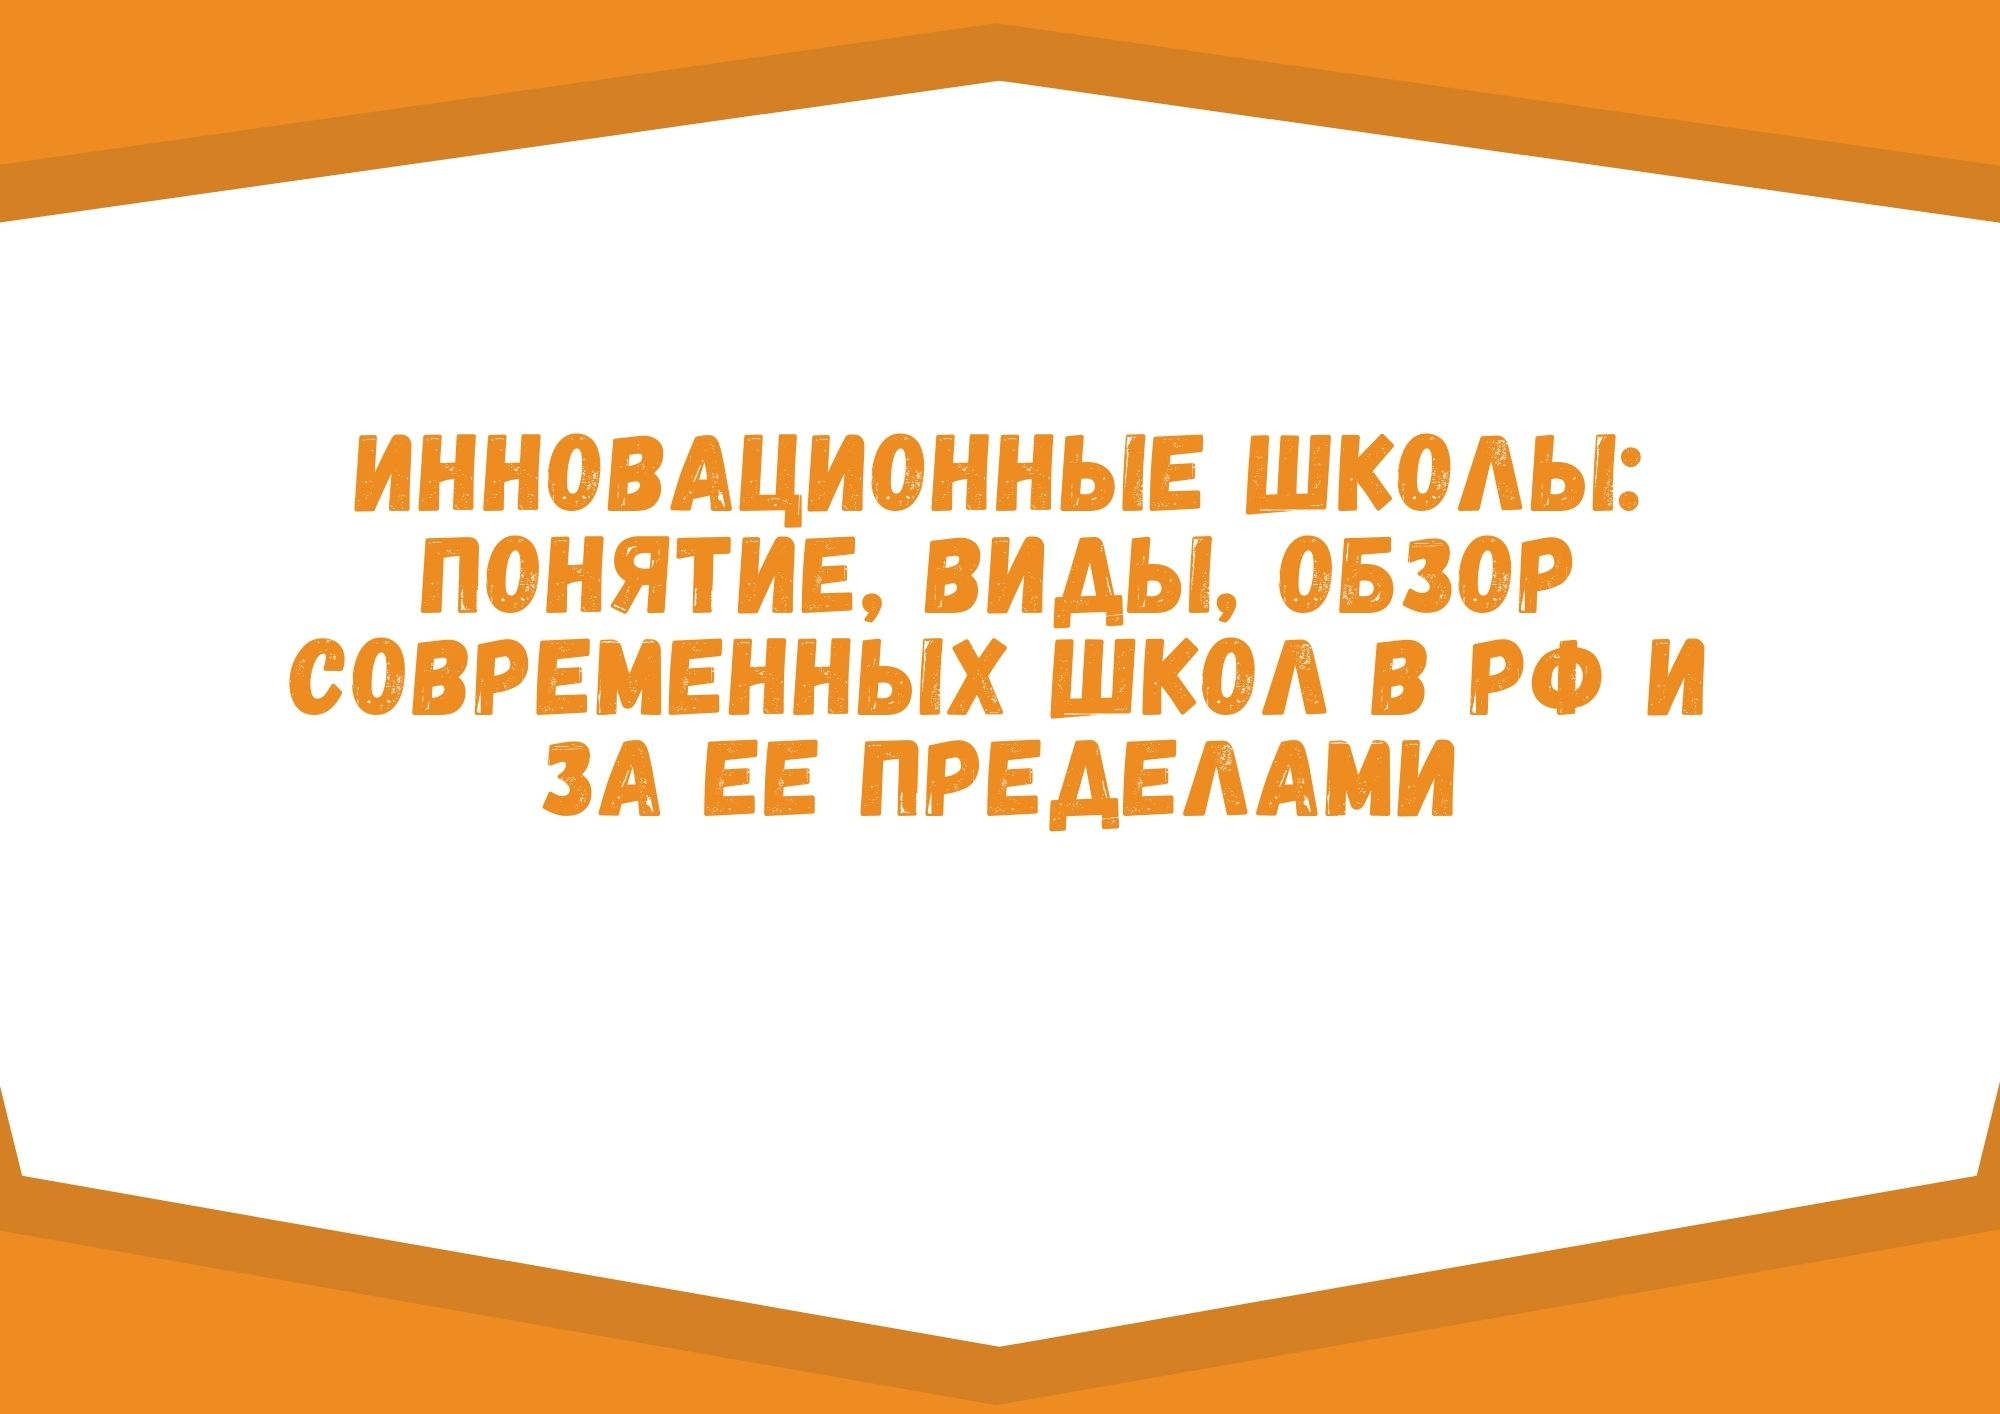 Инновационные школы: понятие, виды, обзор современных школ в РФ и за ее пределами